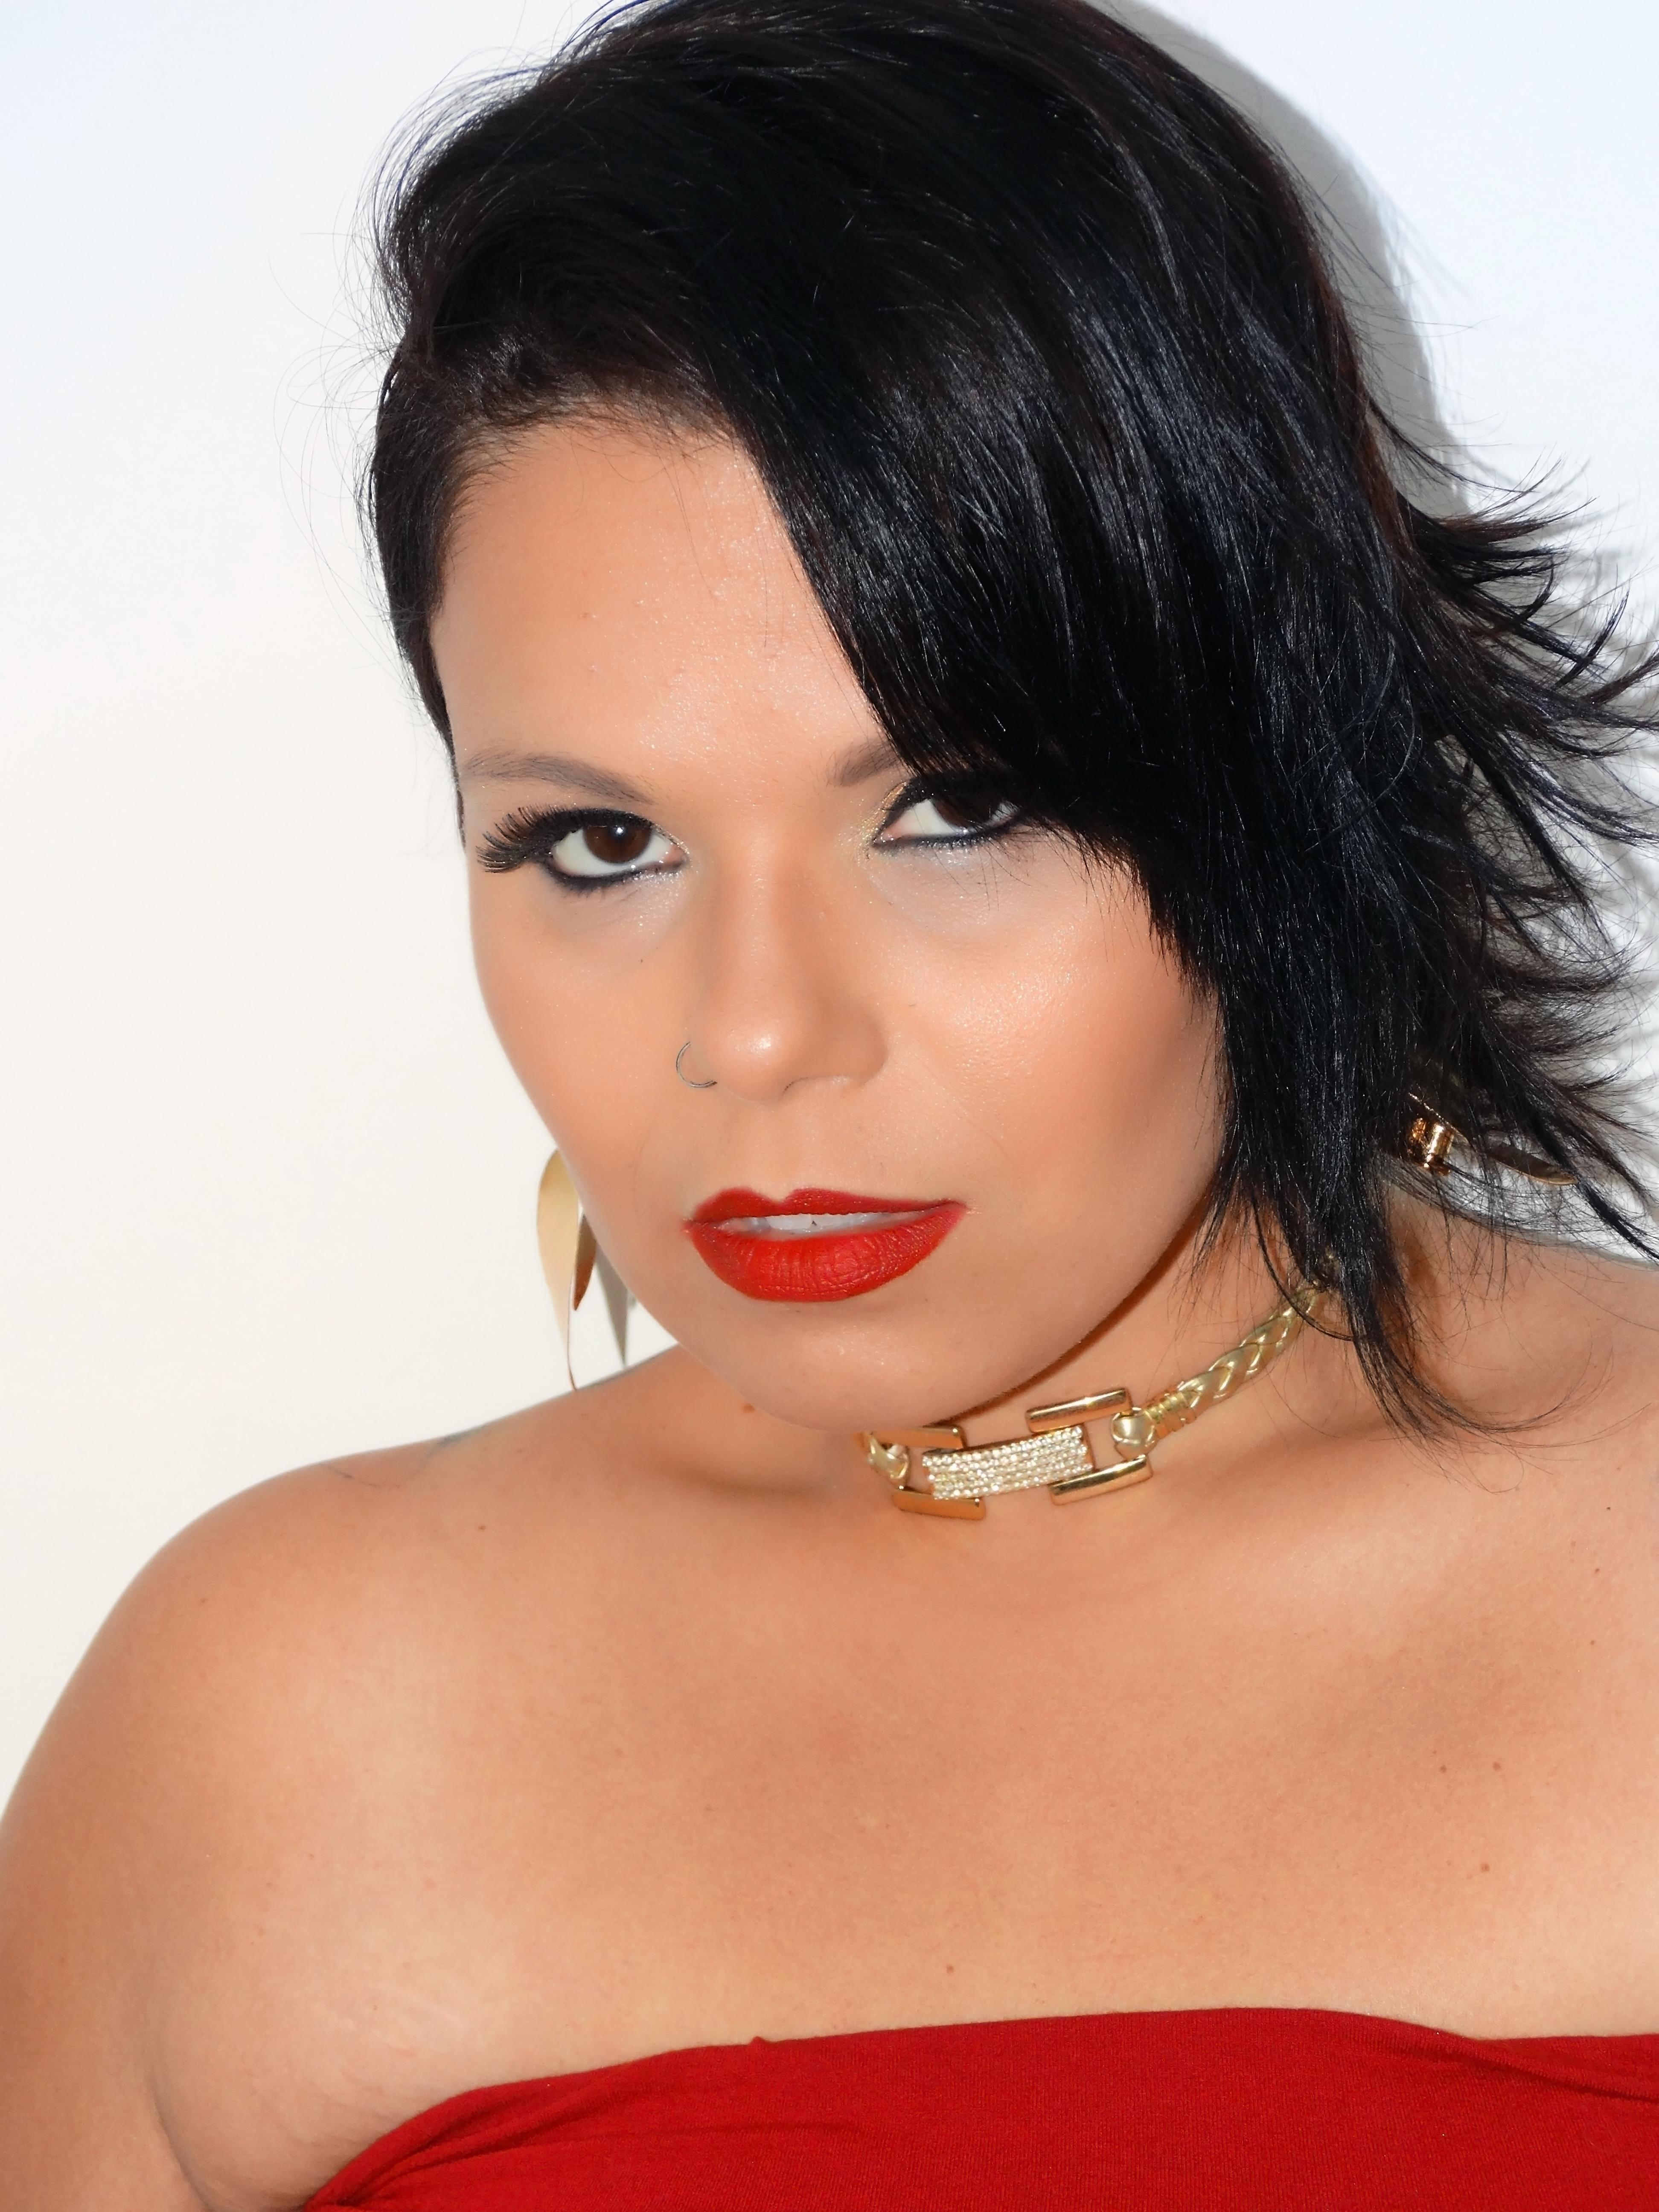 Márcia Basttos  #MônicaSilvaMakeup #Ensaio #Foto #Portfolio #Maquiagem maquiagem maquiador(a) consultor(a)